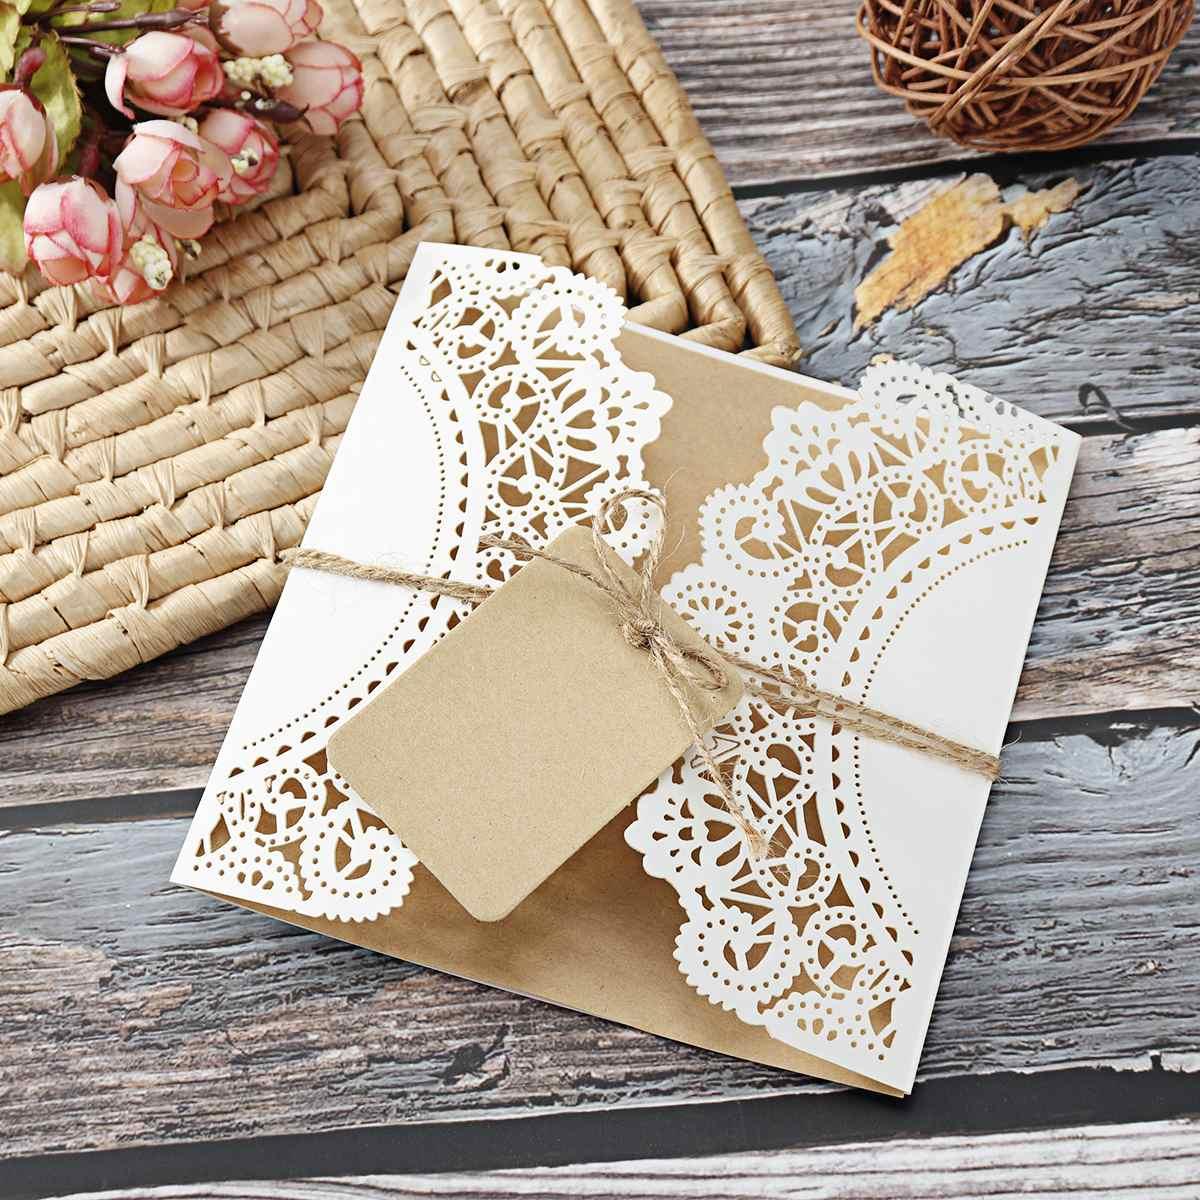 30/50 ชิ้น/เซ็ตเลเซอร์ตัดการ์ดเชิญงานแต่งงาน + หมวดหมู่ VINTAGE งานแต่งงานเจ้าสาวบัตรของขวัญชุดกิจ...